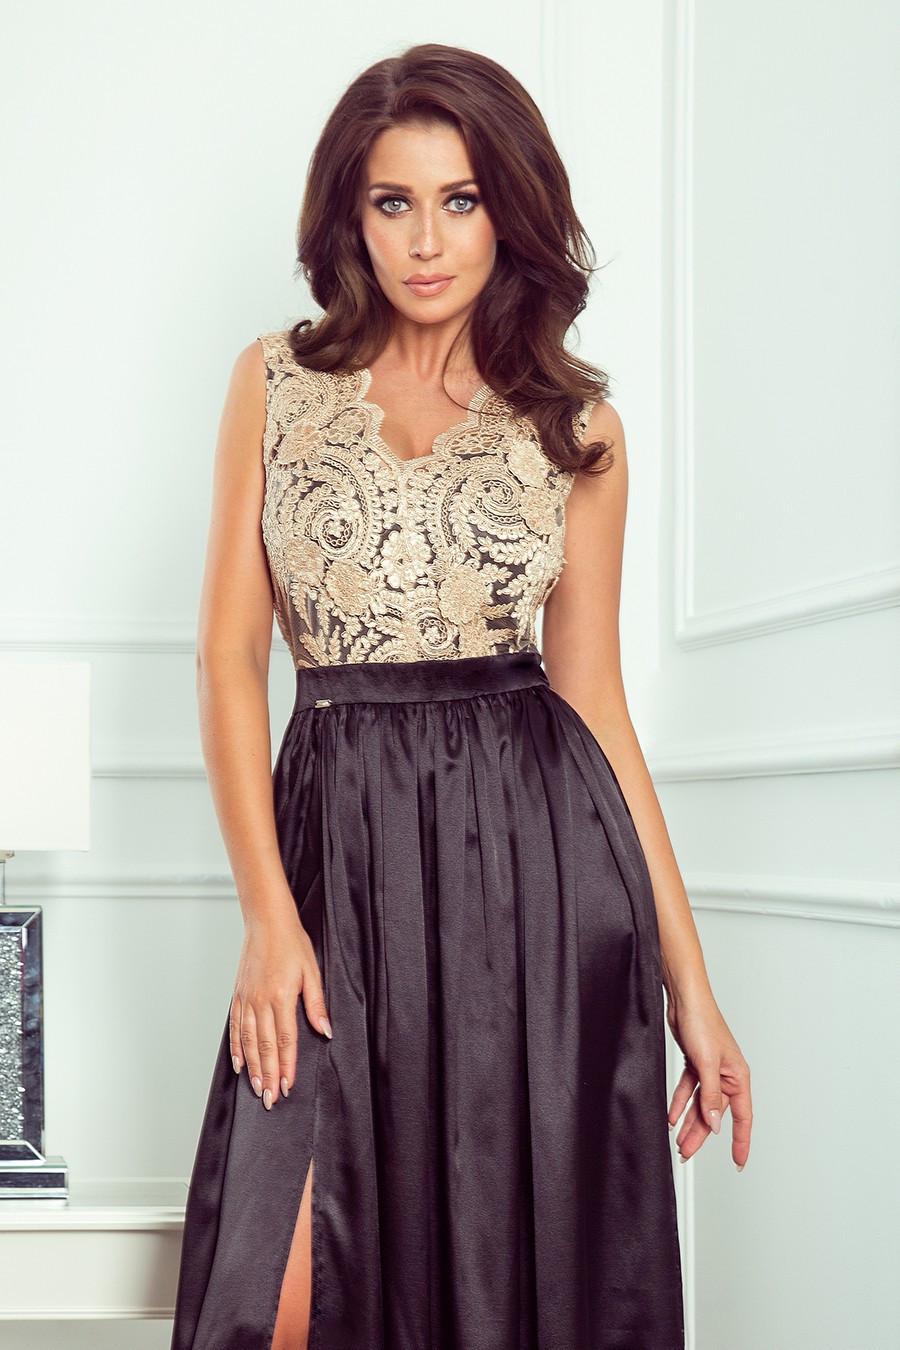 Dámske plesové šaty s čipkovaným dekoltom dlhé čierne - Čierna / XL - Numoco XL